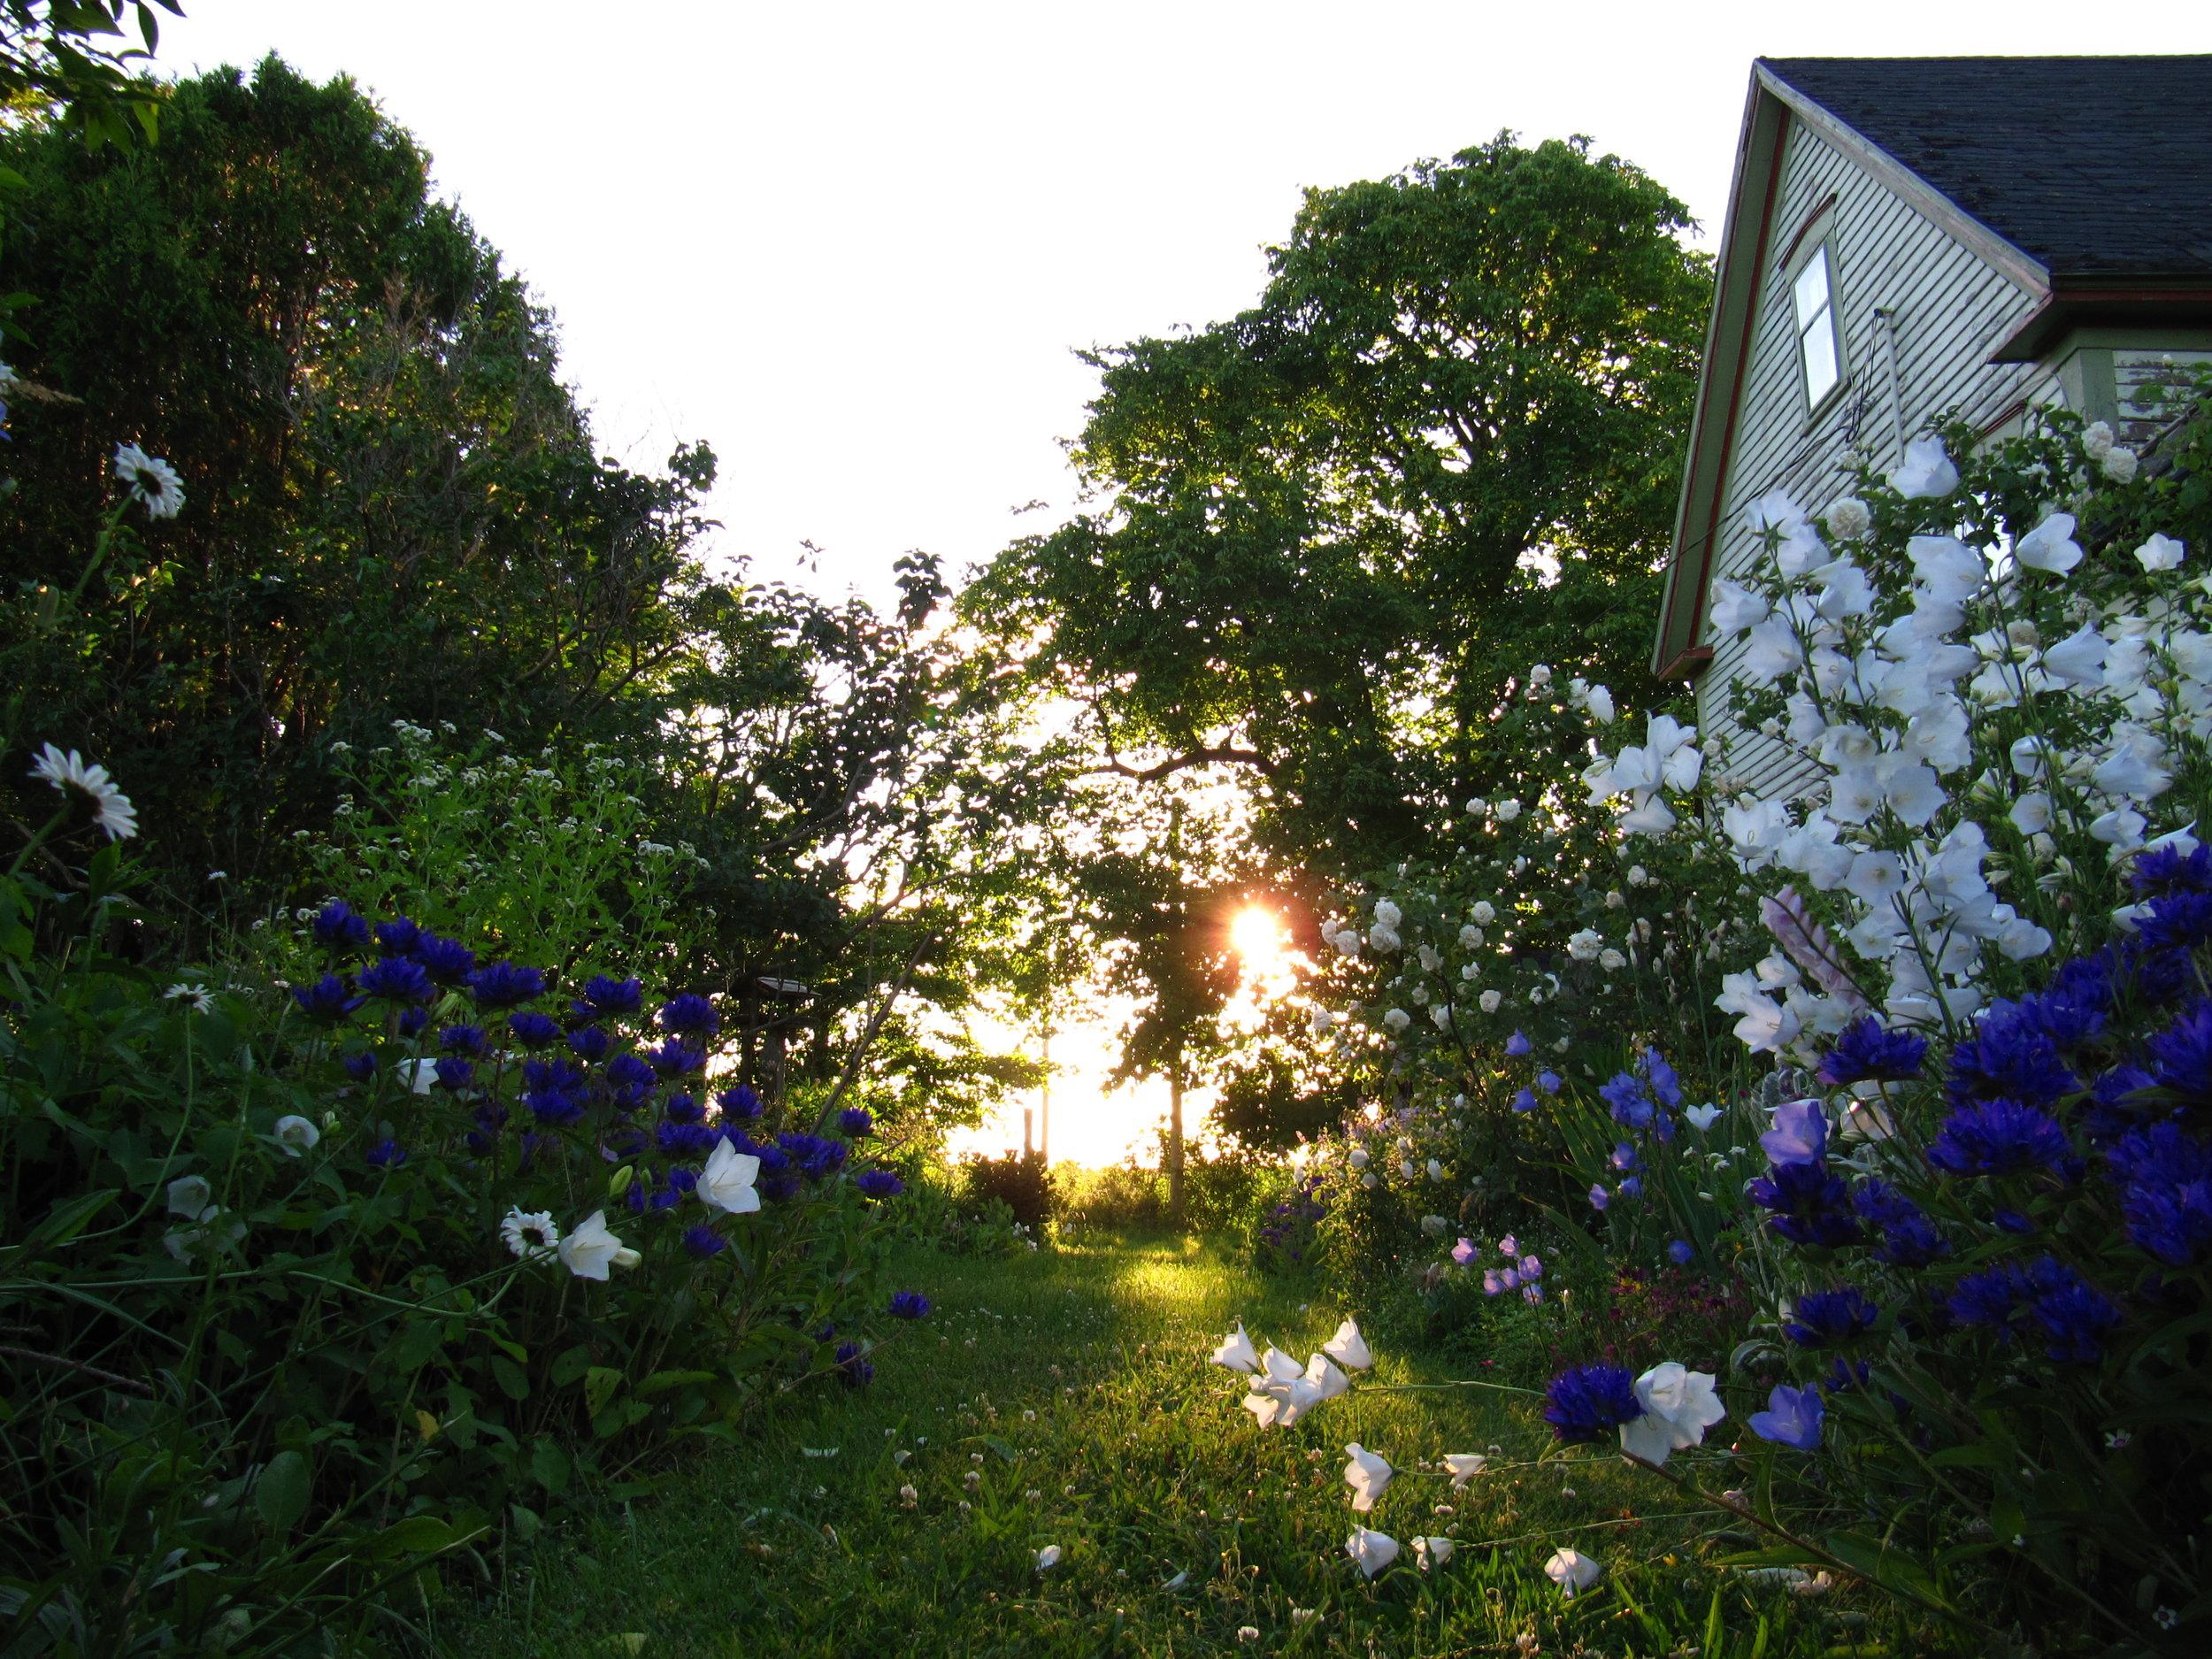 Hedgerow's summer flower garden. July in Nova Scotia.